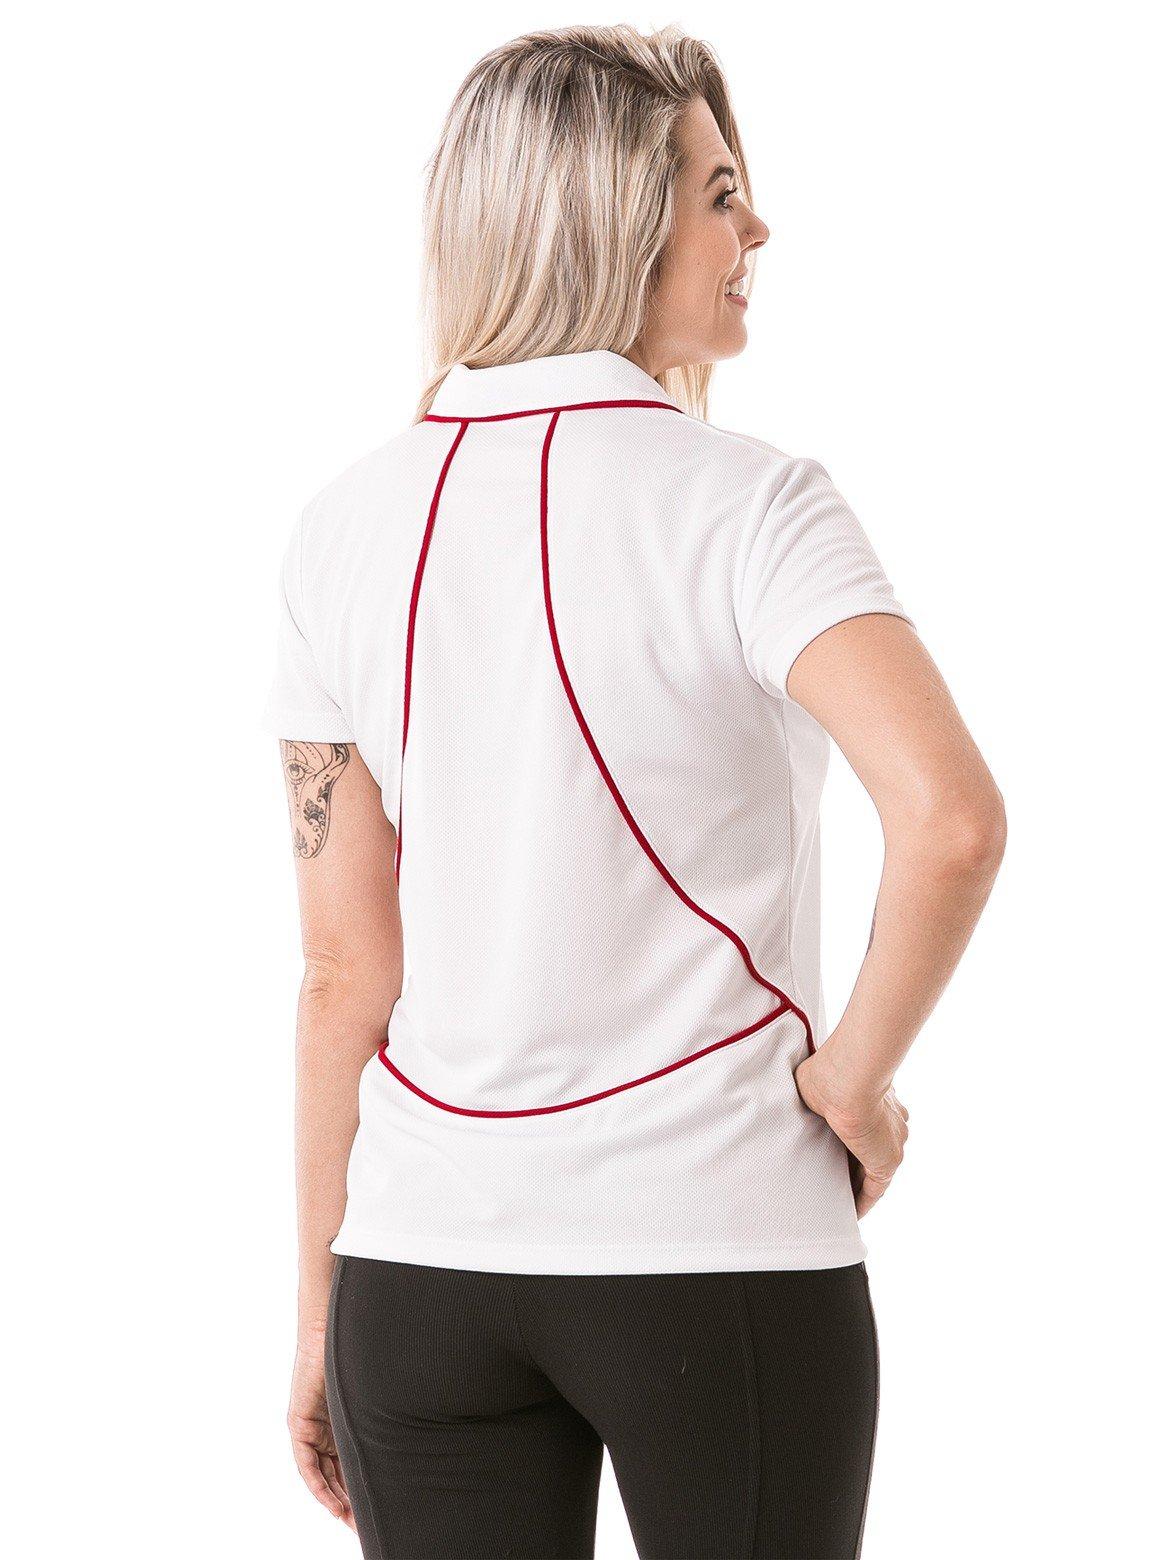 femina polo curta dry branco costas b